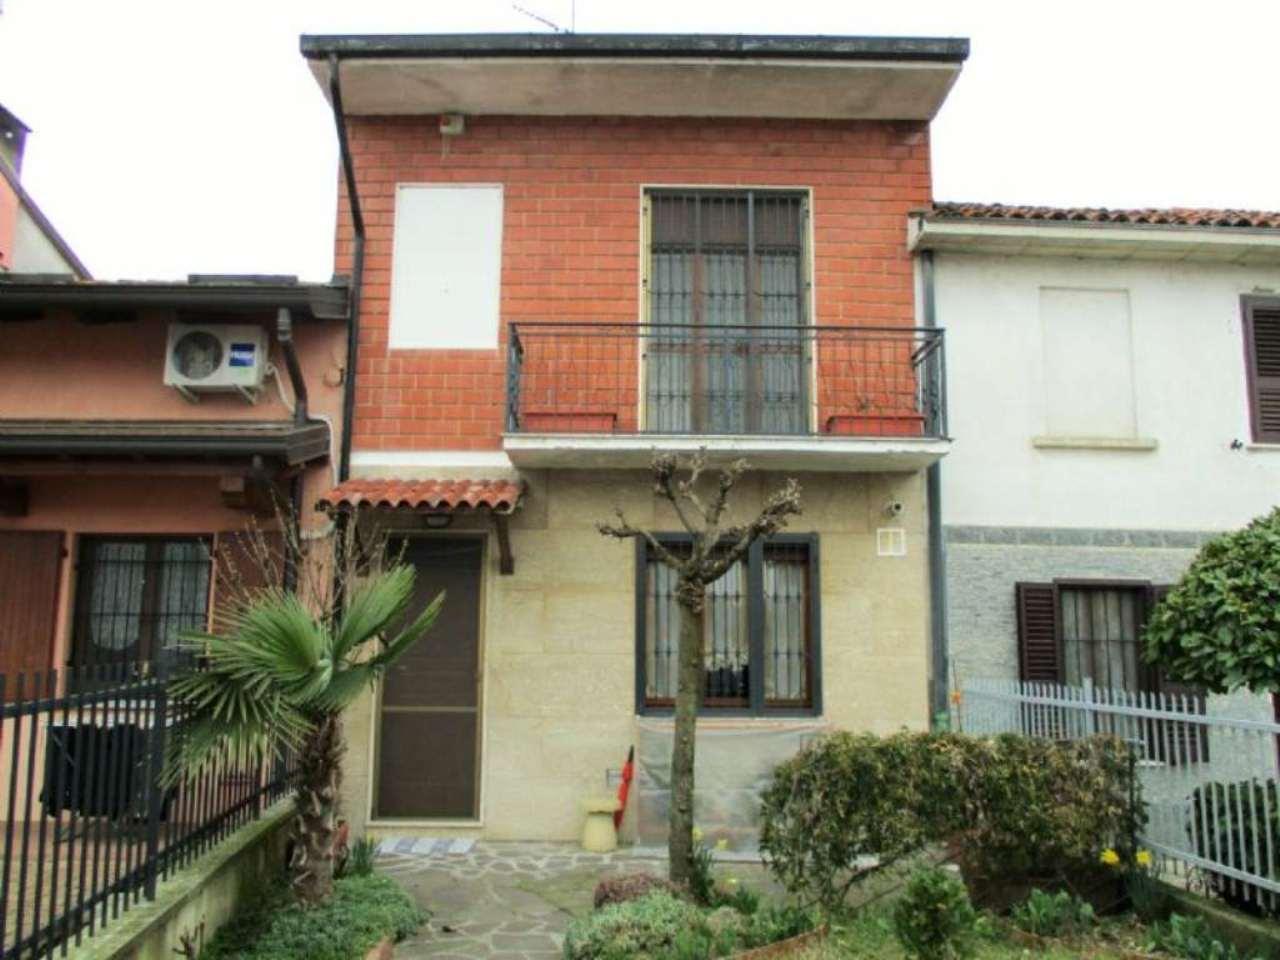 Soluzione Indipendente in vendita a Valera Fratta, 3 locali, prezzo € 128.000 | Cambio Casa.it